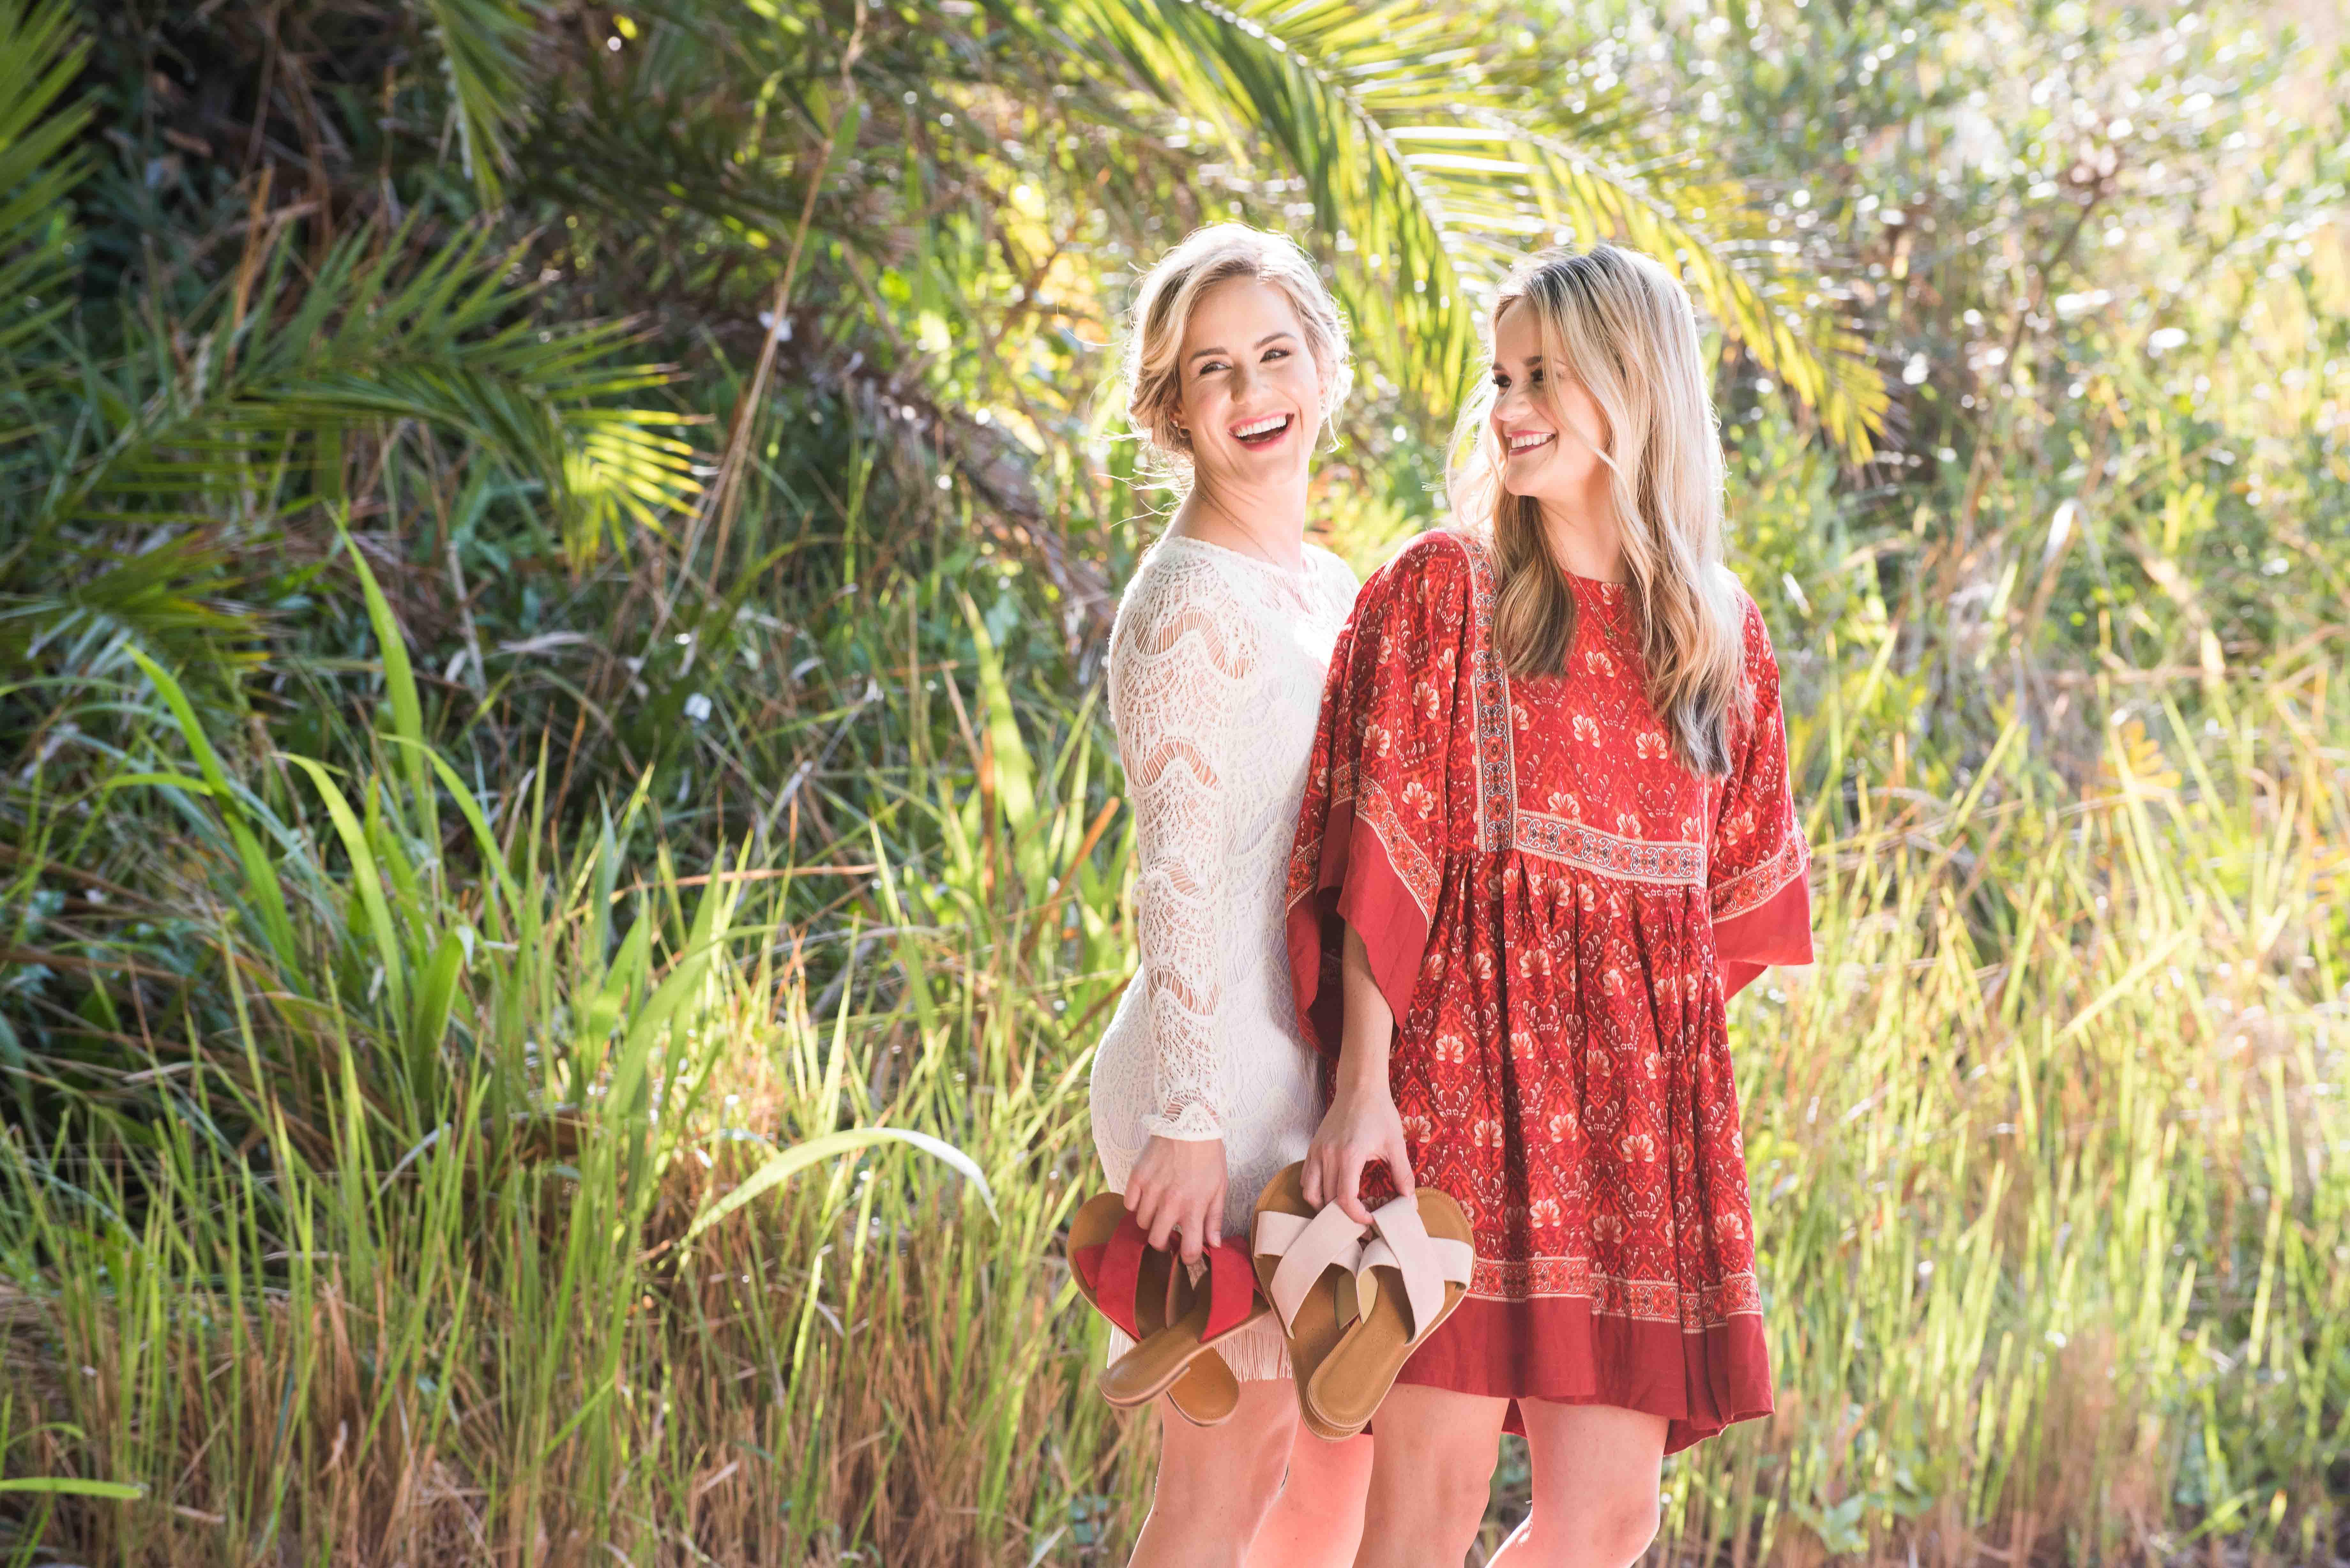 Sweet sisters